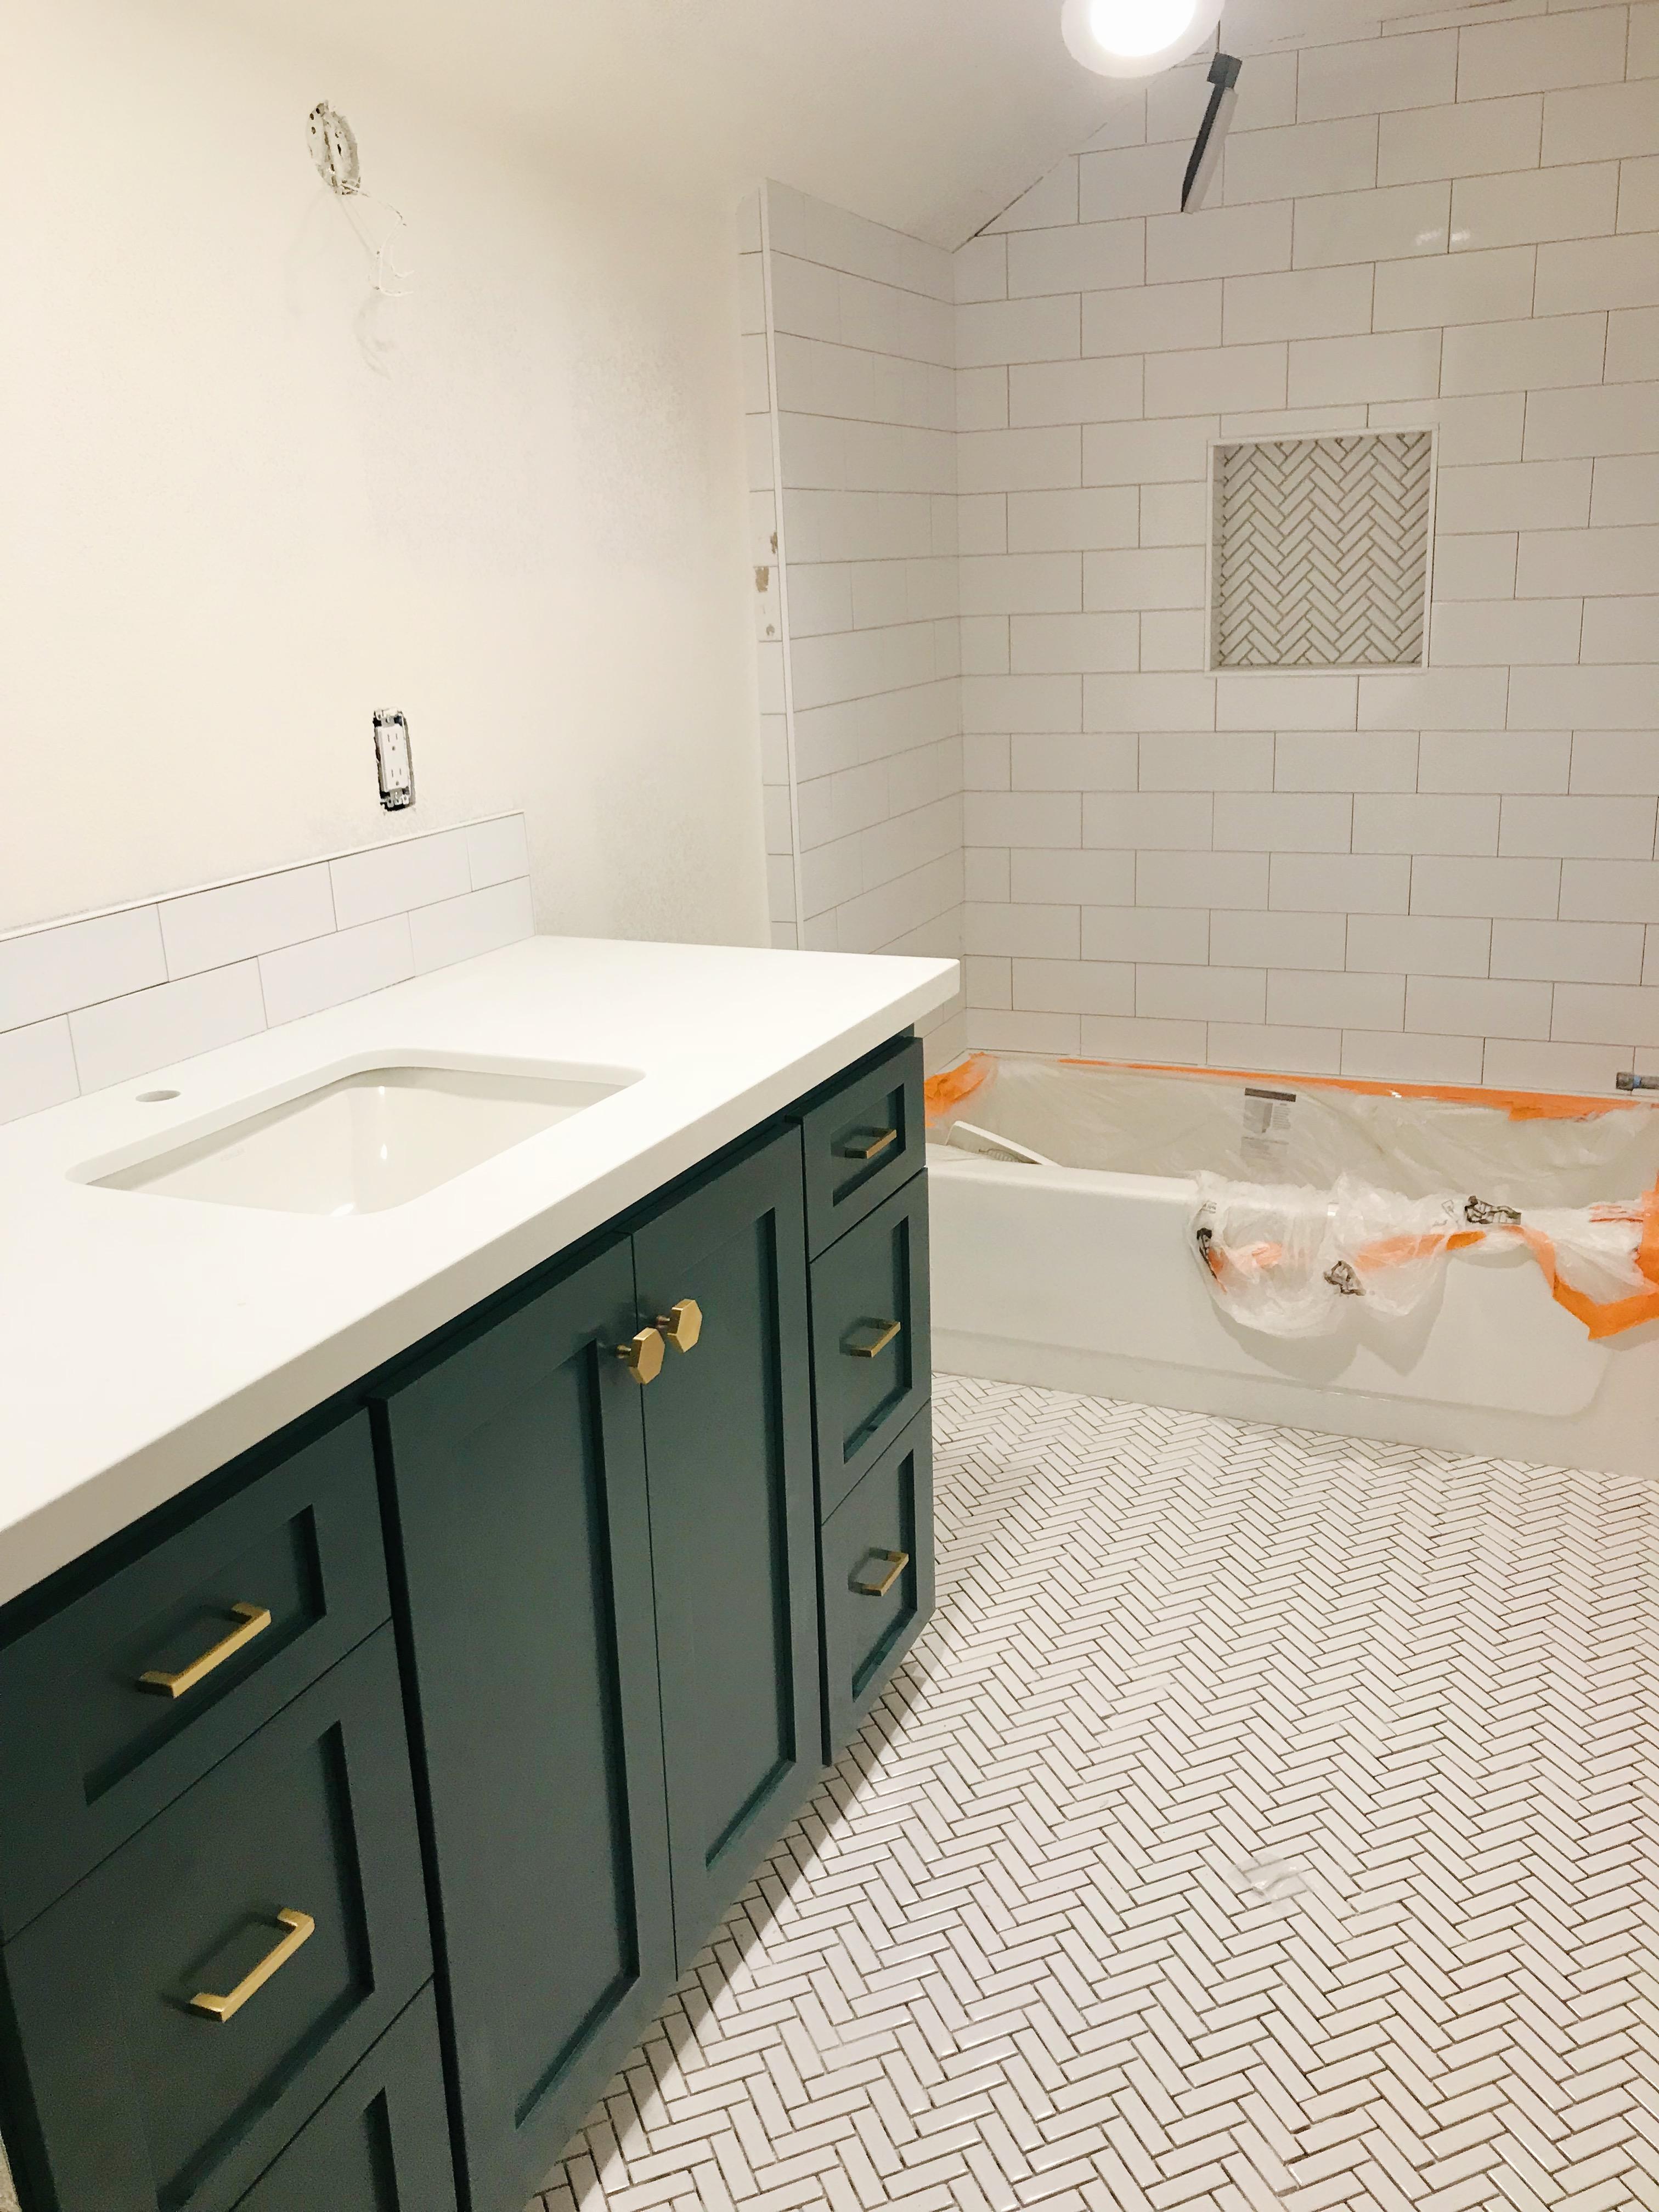 I Had Seen Herringbone Floors From Jenny Komendau0027s Blog, And I LOVED Them,  So We Did Herringbone Floors In This Bathroom And In The Shower Niche.